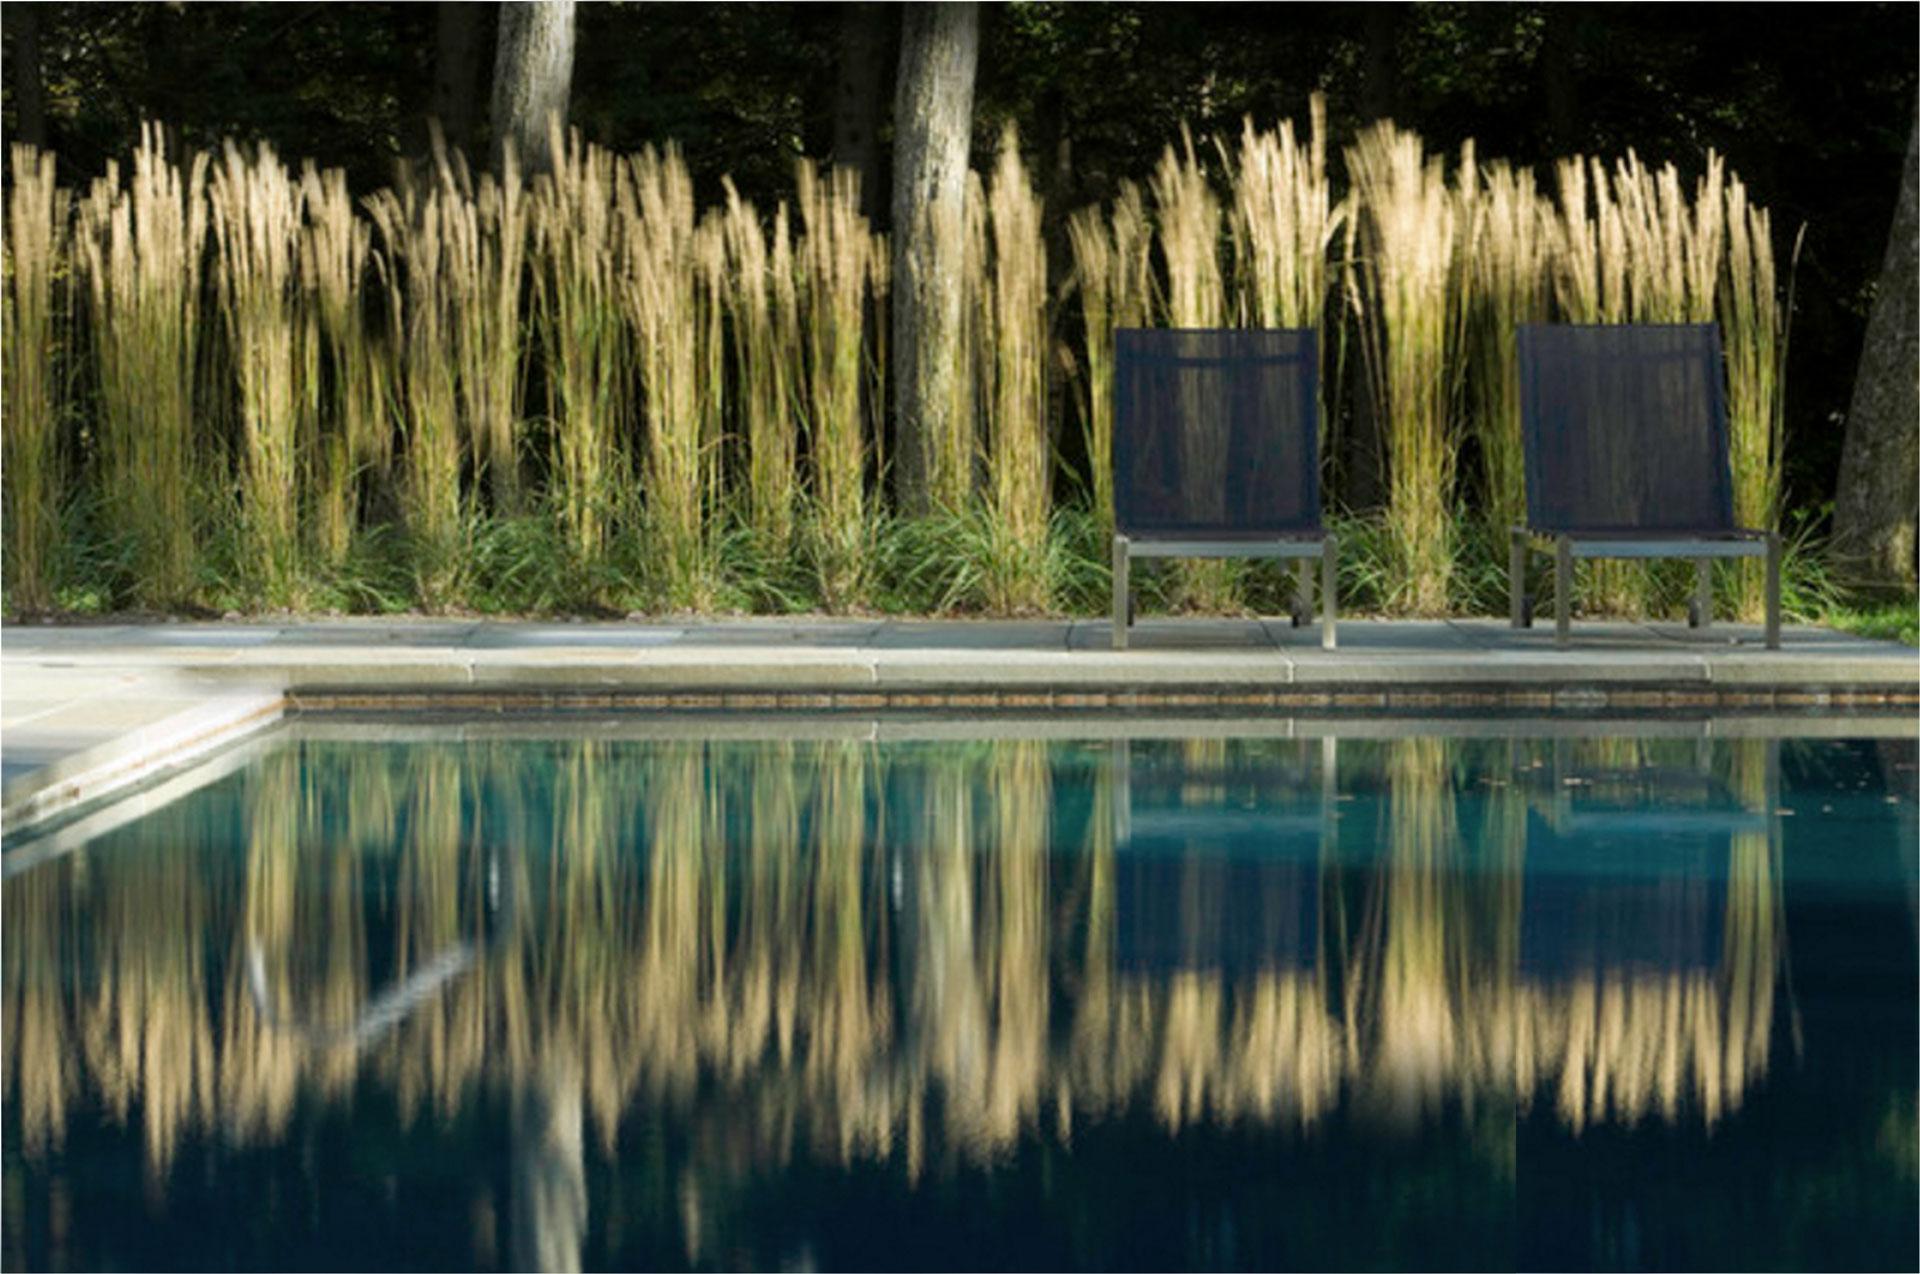 FENG SHUI - Energie im fluss | beratung - hamburg - schlafzimmer - kueche - arbeitszimmer - eingang - garten - brunnen - farben - elemente - einrichten - ruhe - gelassenheit - feng shui ausbildung | 01 Pool